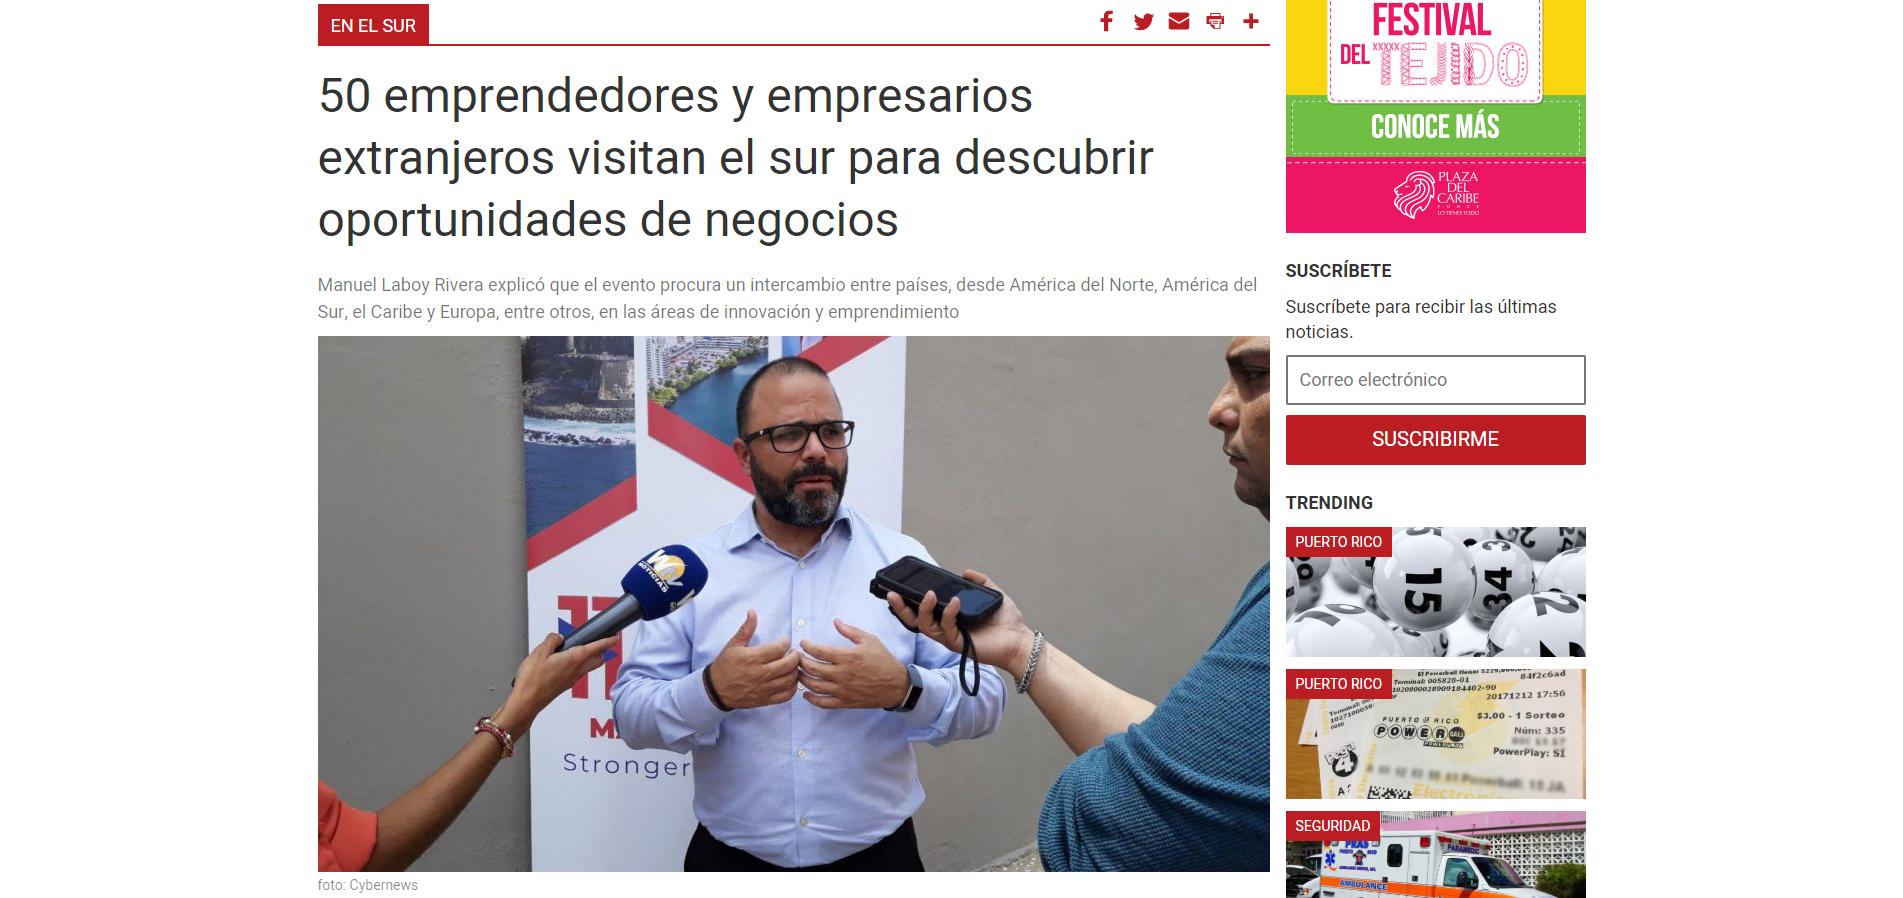 """""""50 emprendedores y empresarios extranjeros visitan el sur para descubrir oportunidades de negocios"""", La Perla del Sur, May 22, 2019,"""